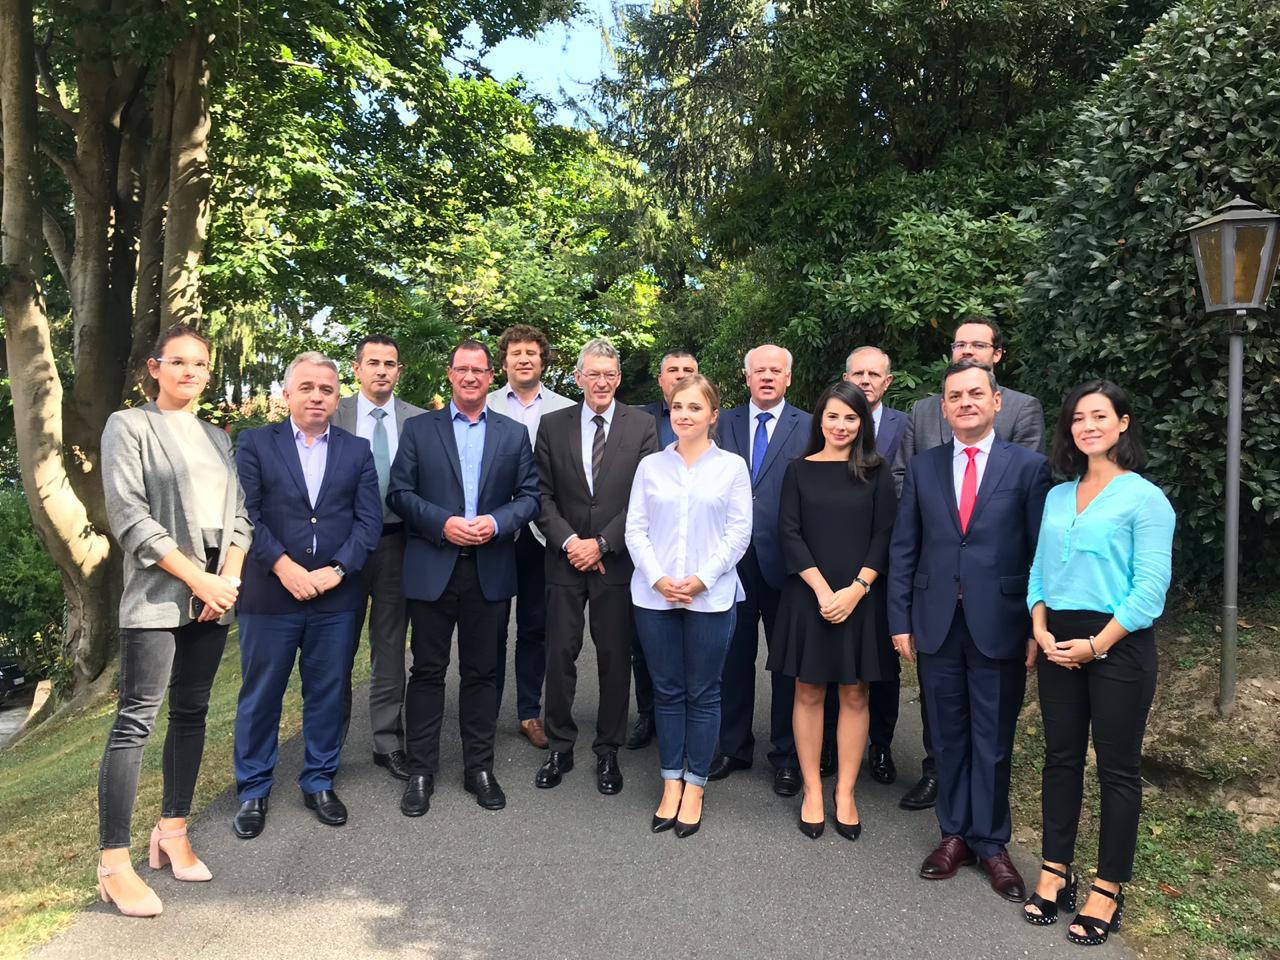 Kryetari i Gjykatës së Lartë Z. Xhezair Zaganjori mori pjesë në aktivitetin e organizuar nga Fondacioni Konrad Adenauer dhe Qendra Evropiane, zhvilluar në Como Itali, në datat 01-03 tetor 2018.